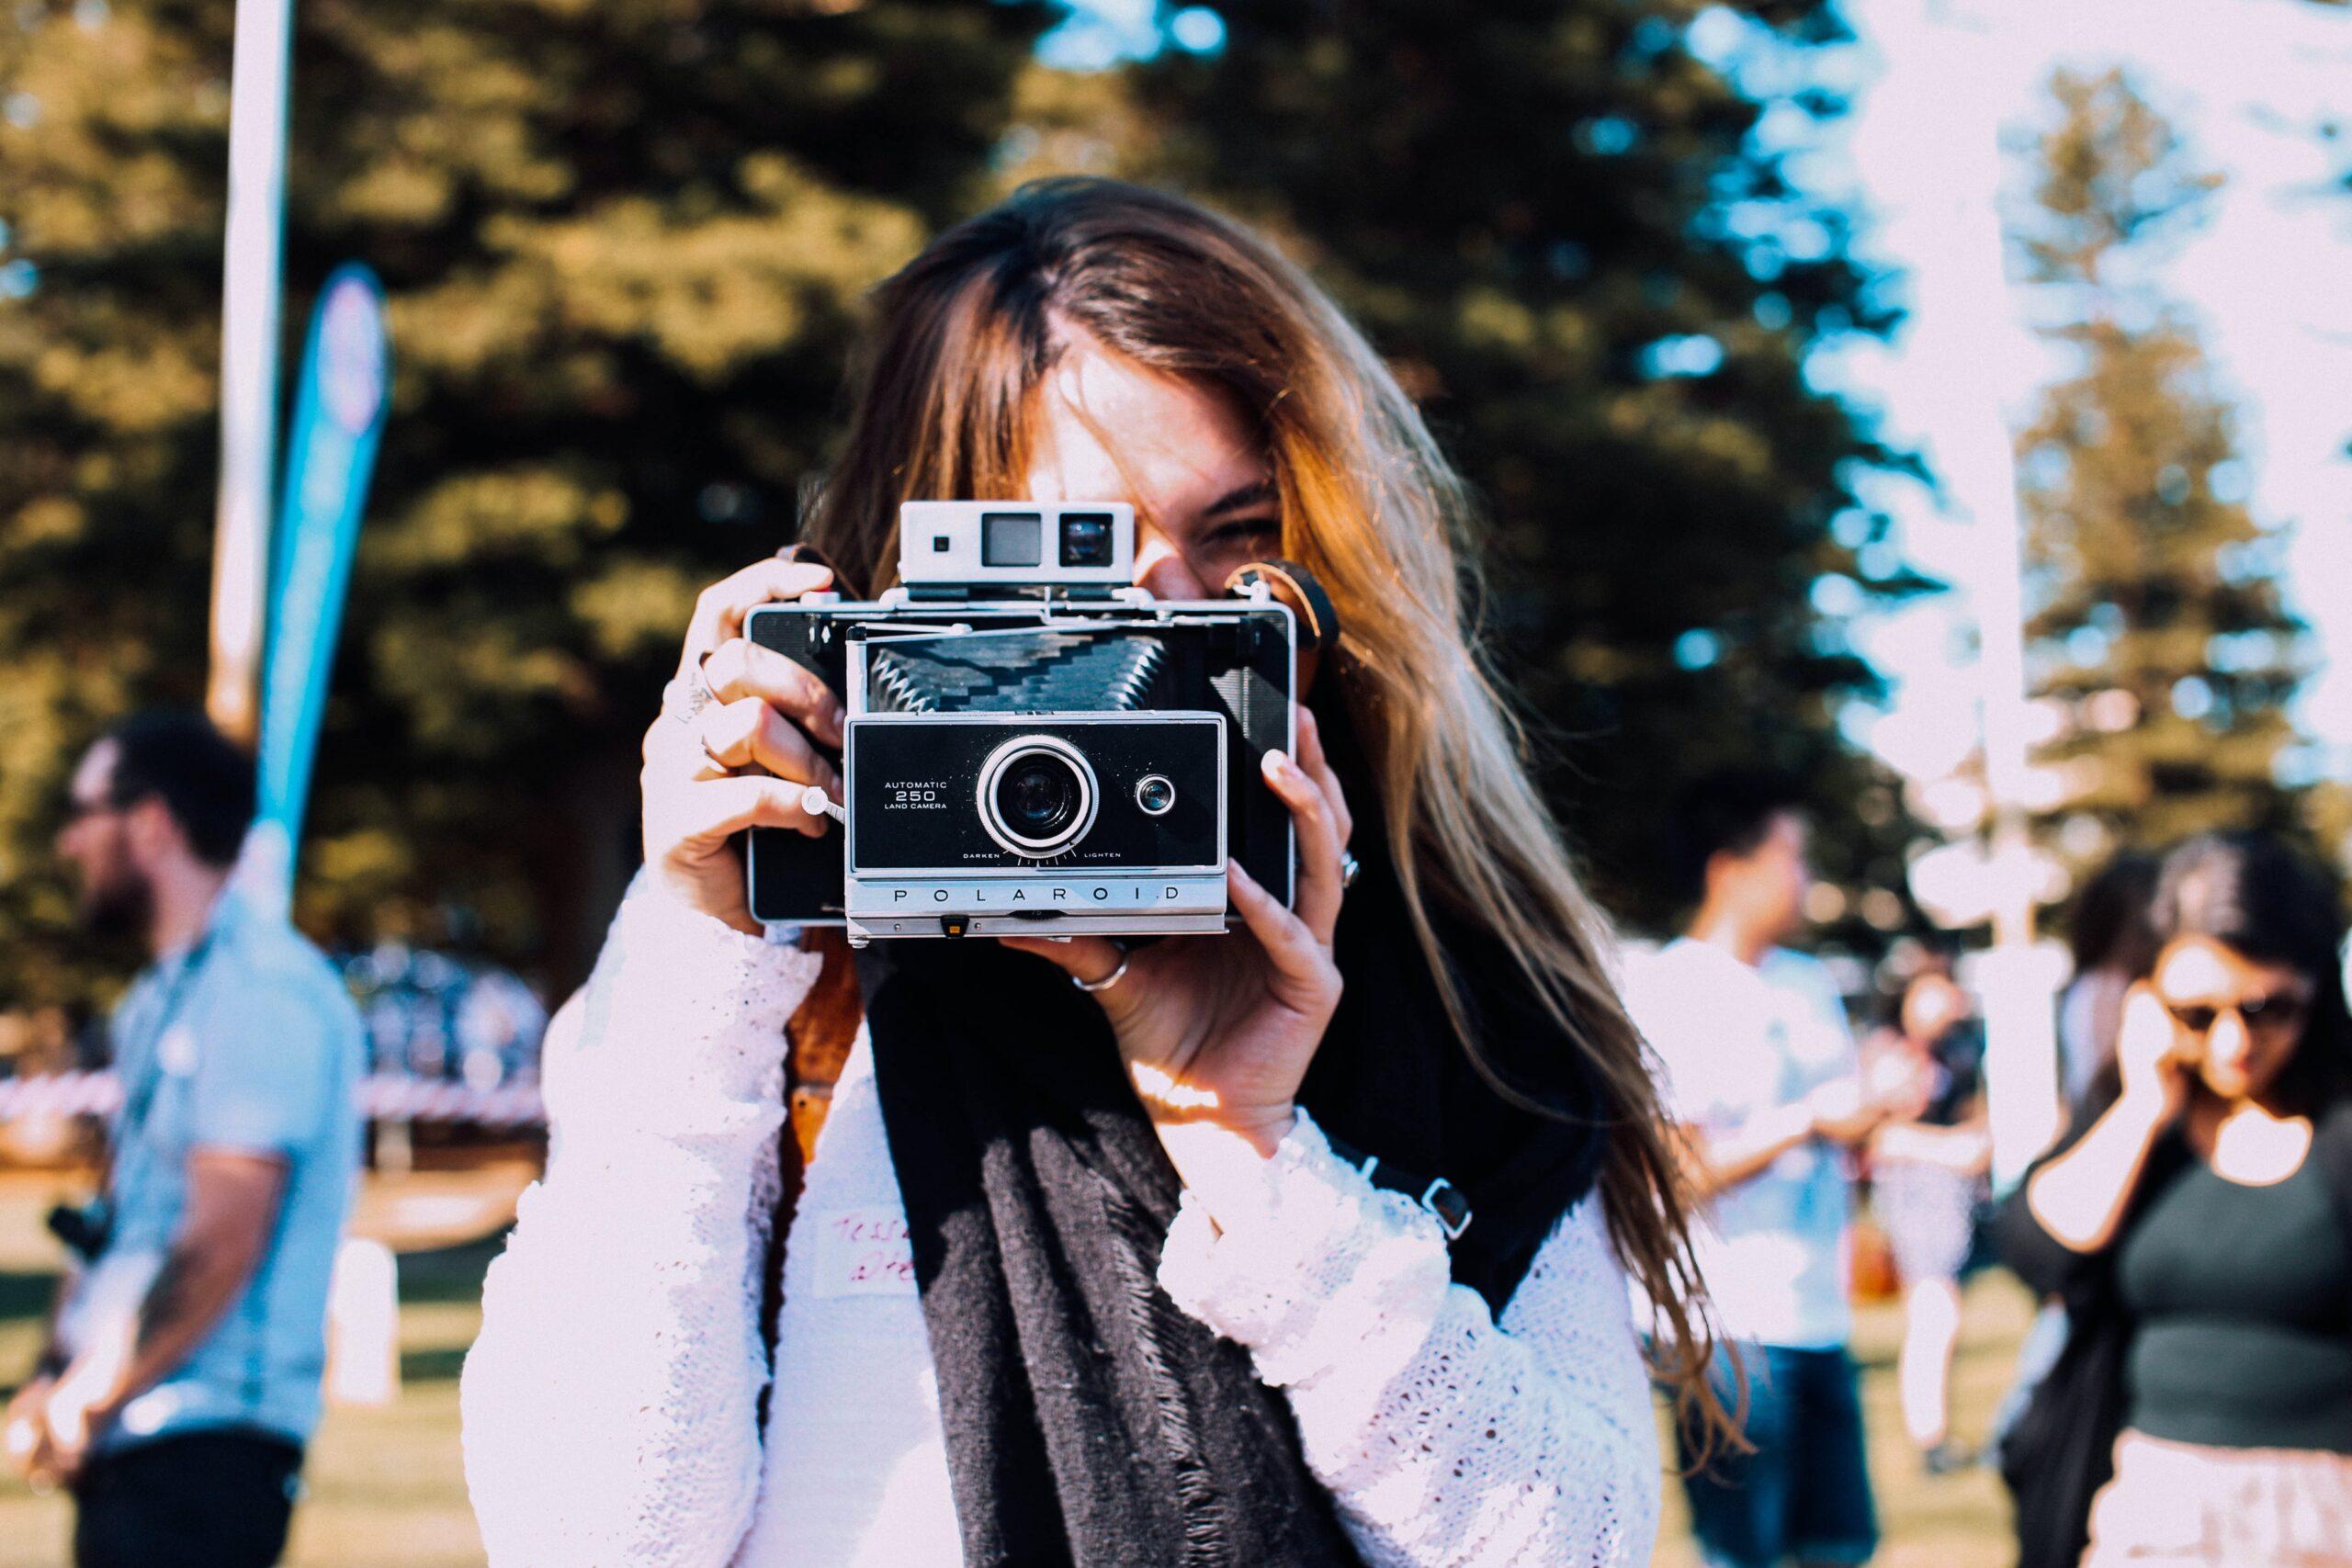 Chica tomando una fotografía en Palencia con una cámara retro